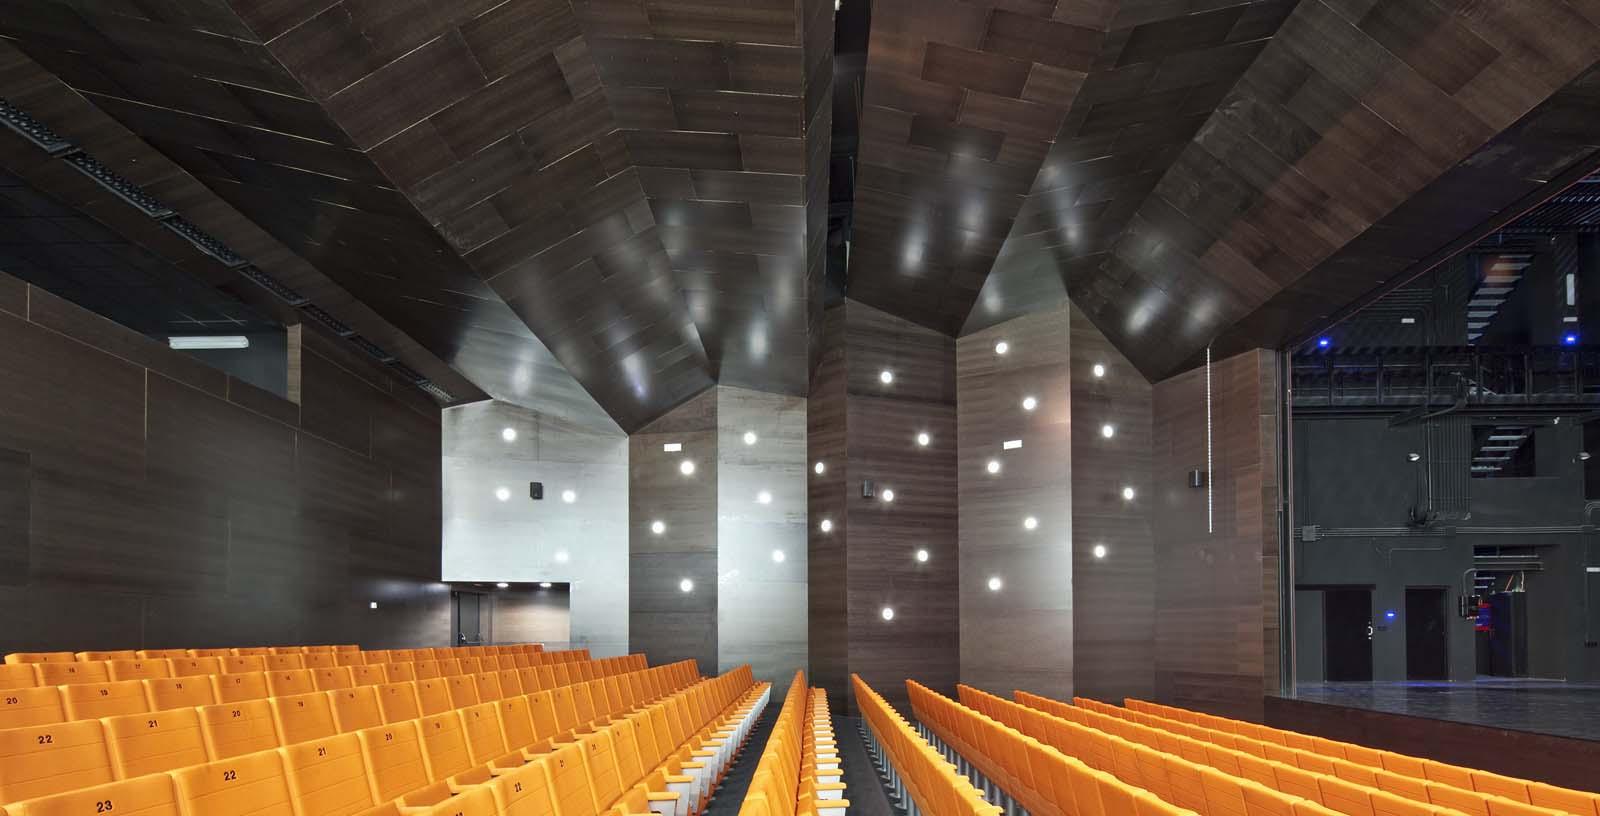 Ibaiondo_Civic_Centre_Architecture_02_IDOM_copyright_Josema_Cutillas